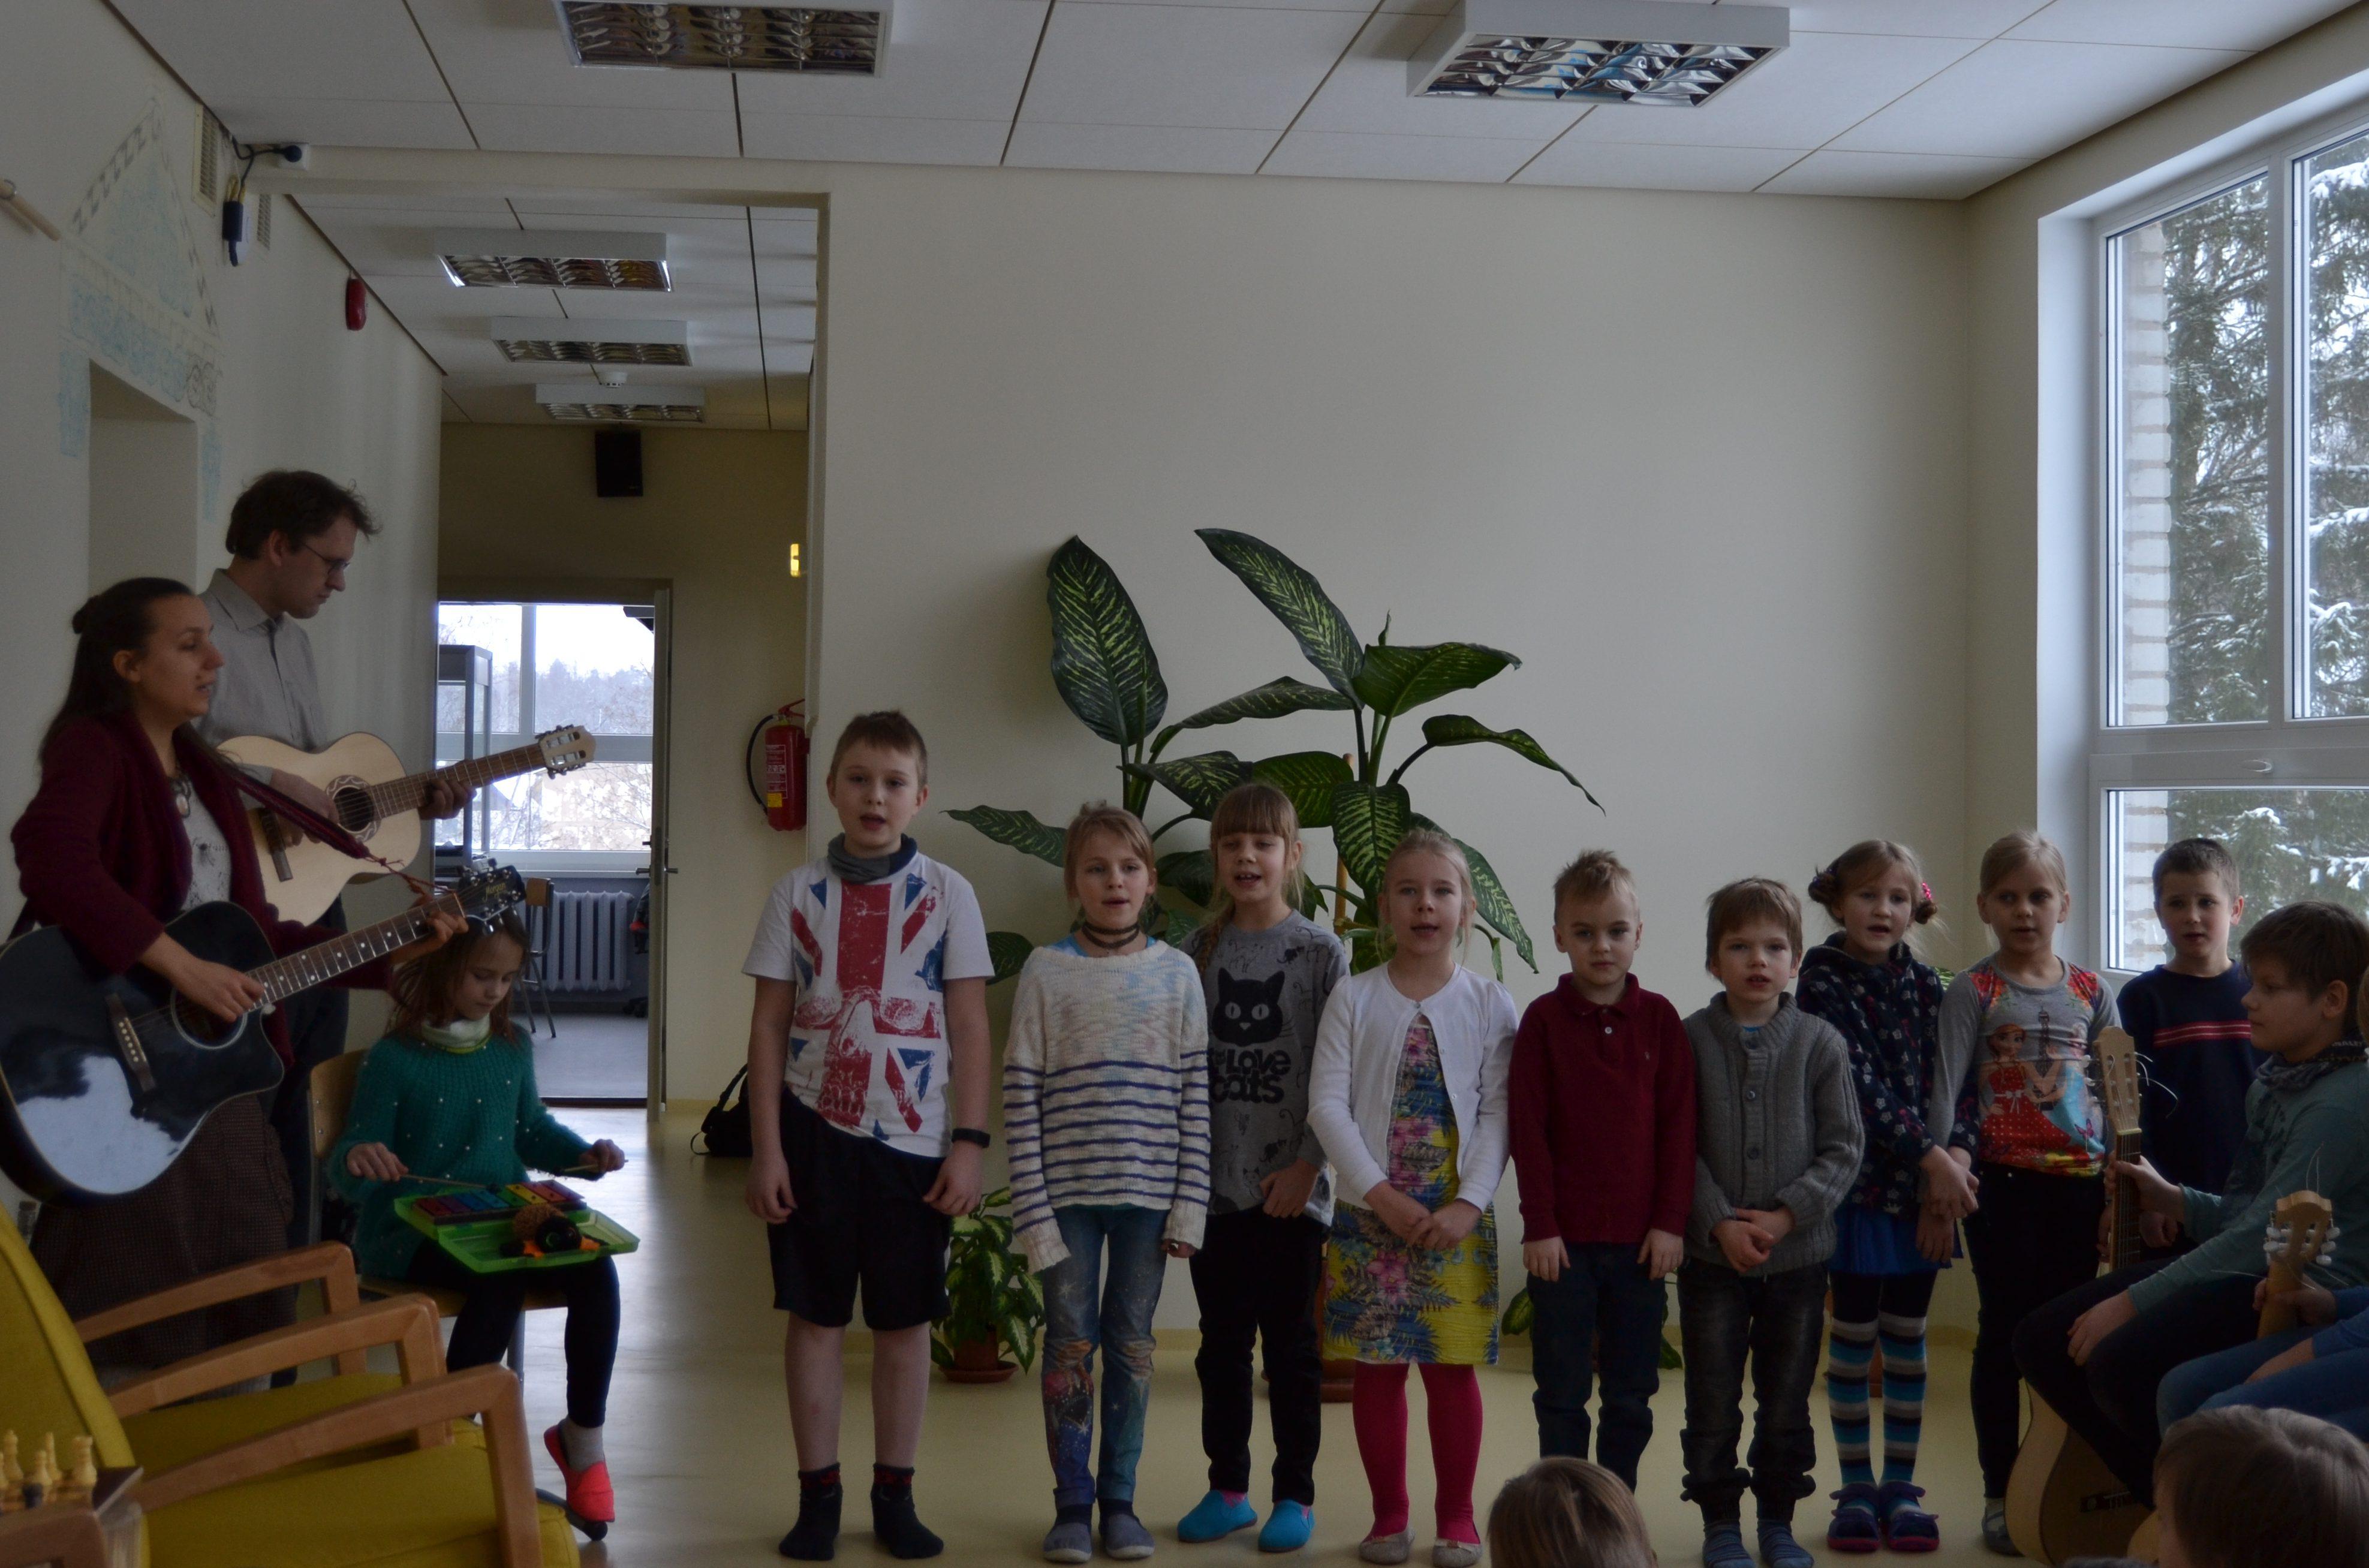 Lüllemäe Põhikooli 1. ja 2. klassi lapsed esinemas haridusminister Mailis Repsile 6.2.2018. Foto: Laura Maribel Kõivik